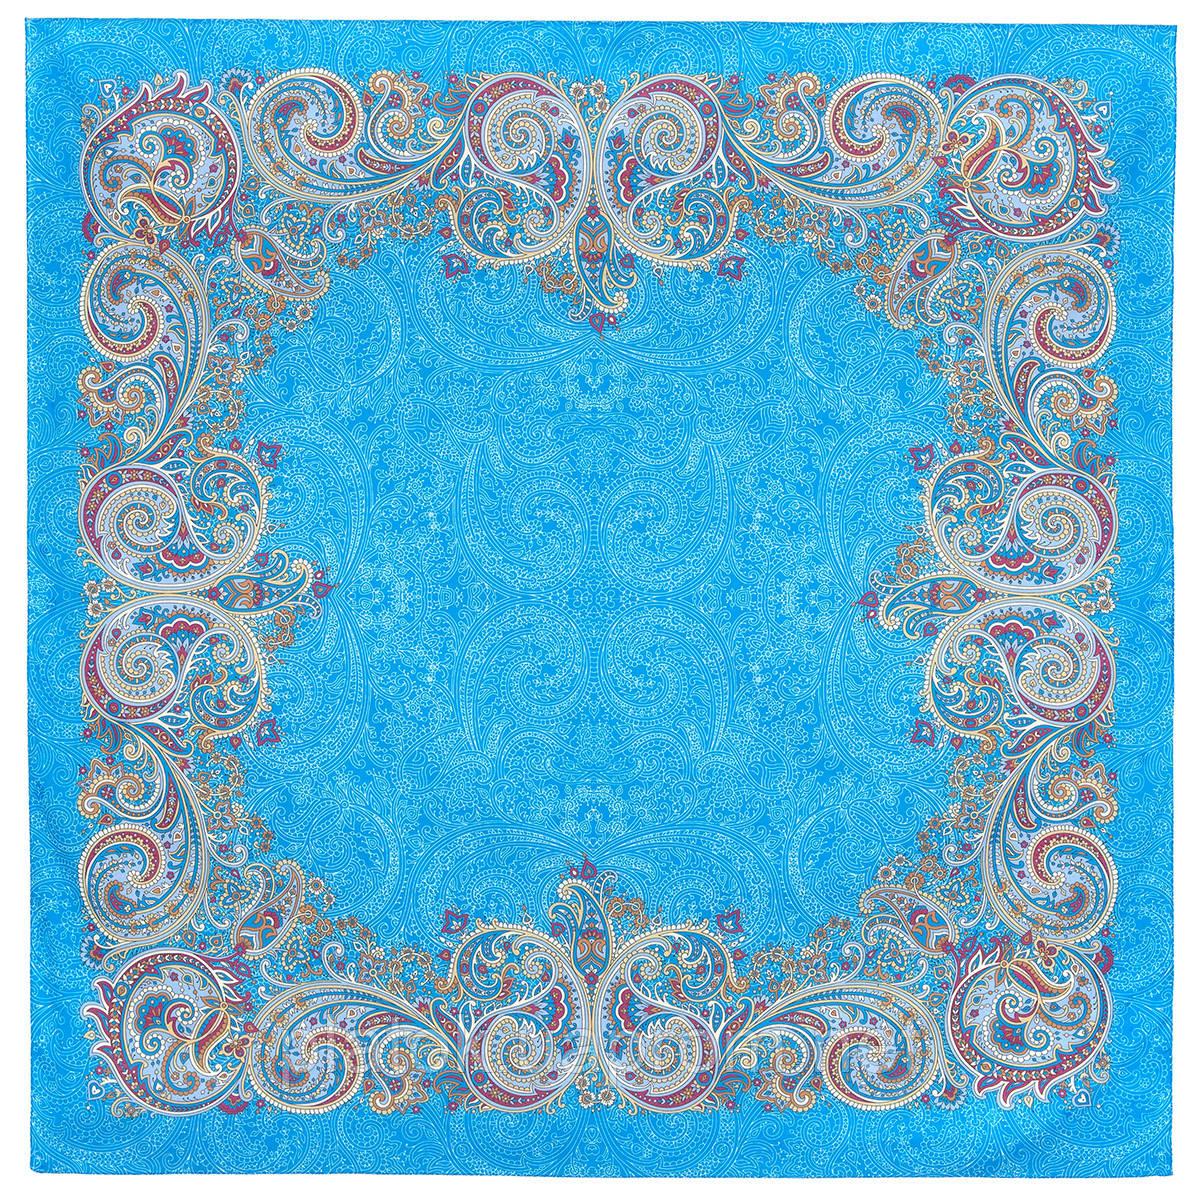 Встреча 1718-11, павлопосадский платок хлопковый (батистовый) с швом зиг-заг